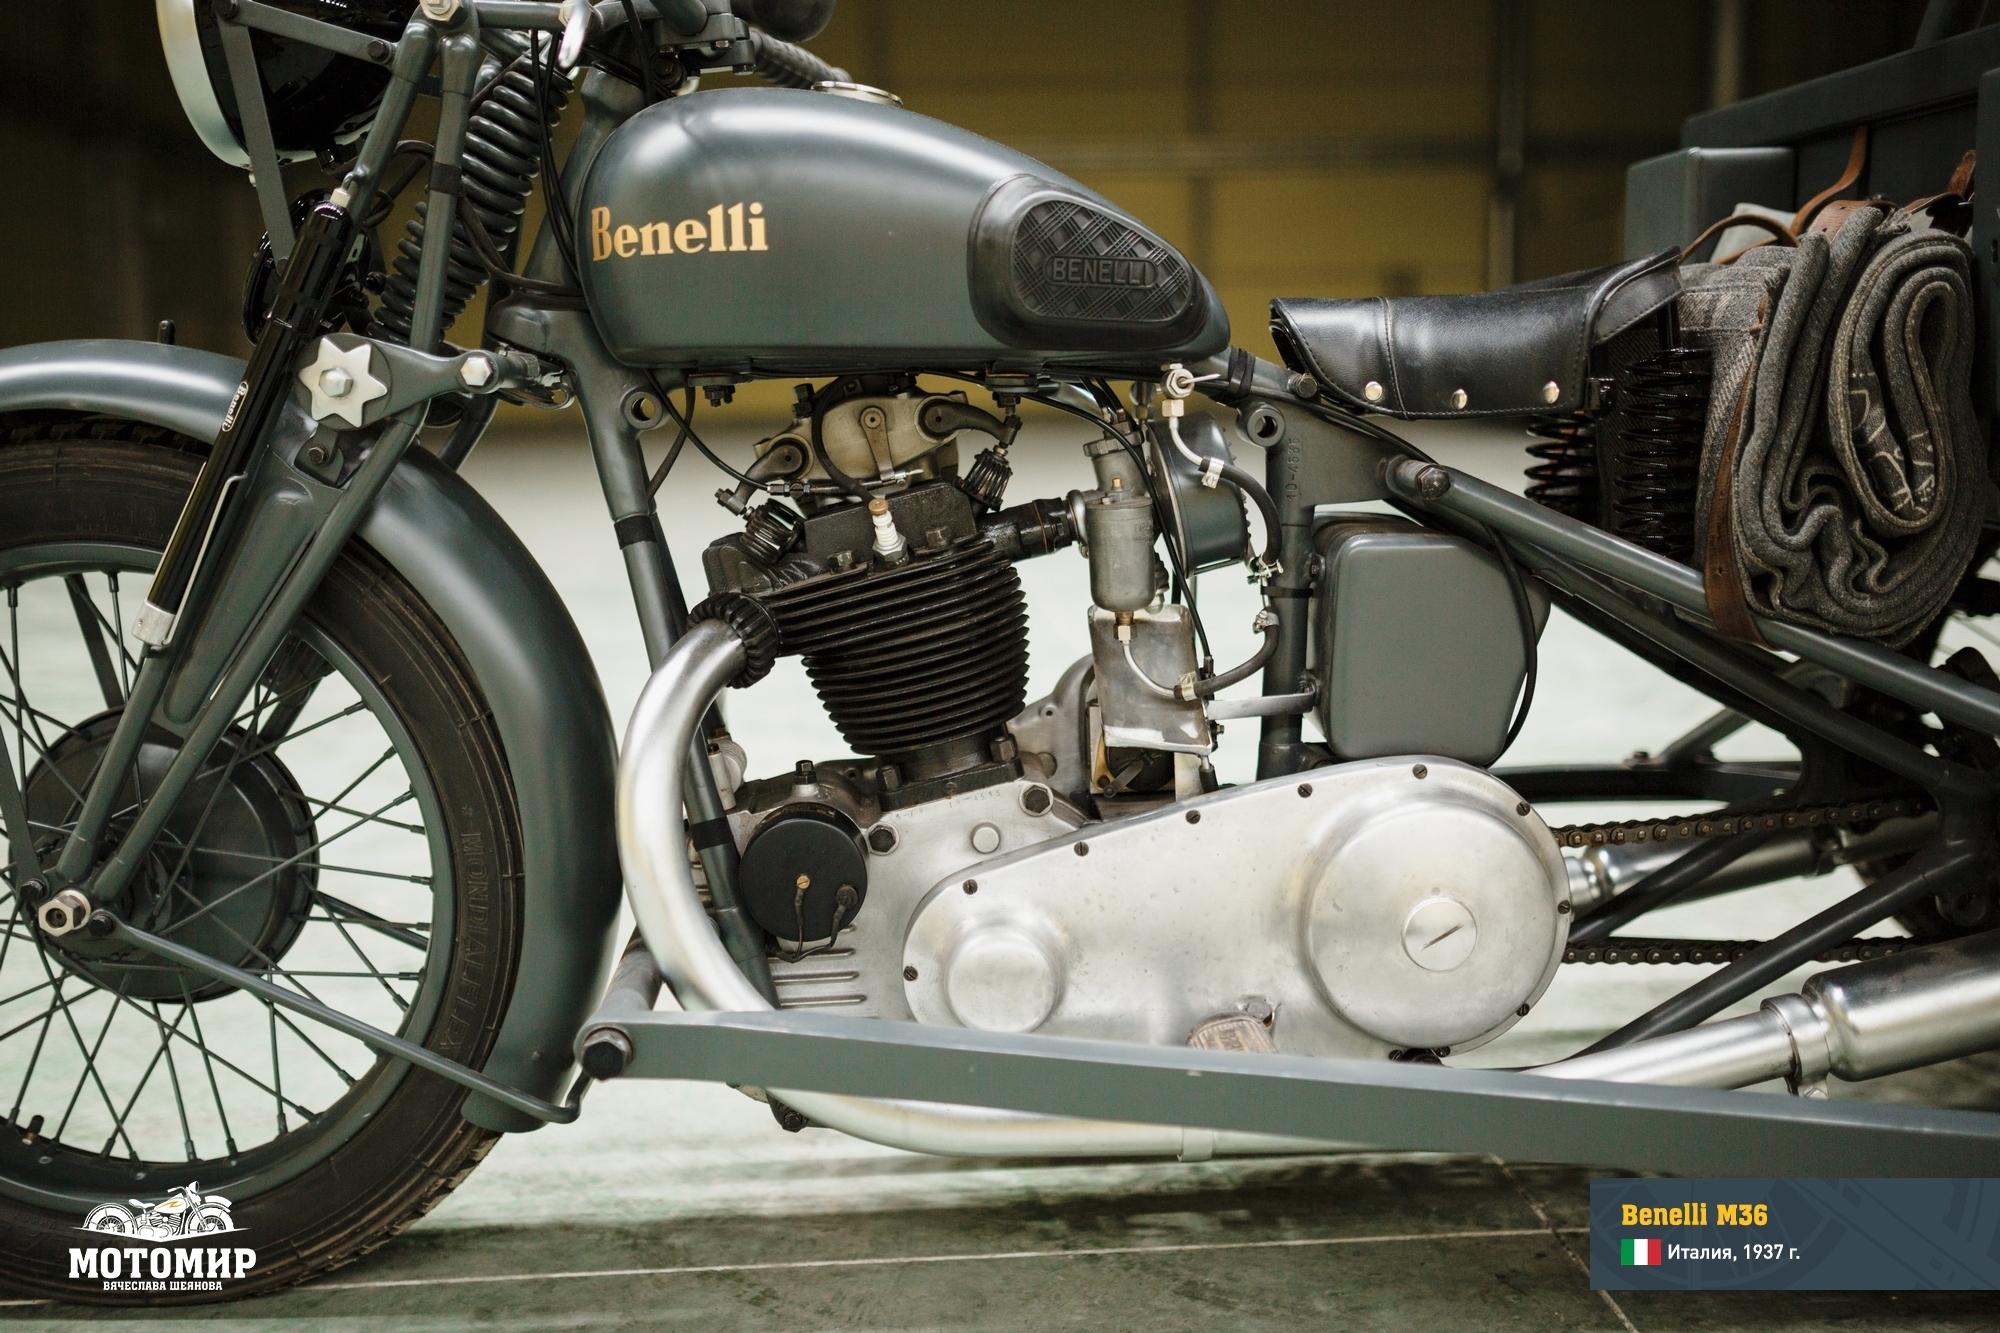 benelli-m36-201412-web-12